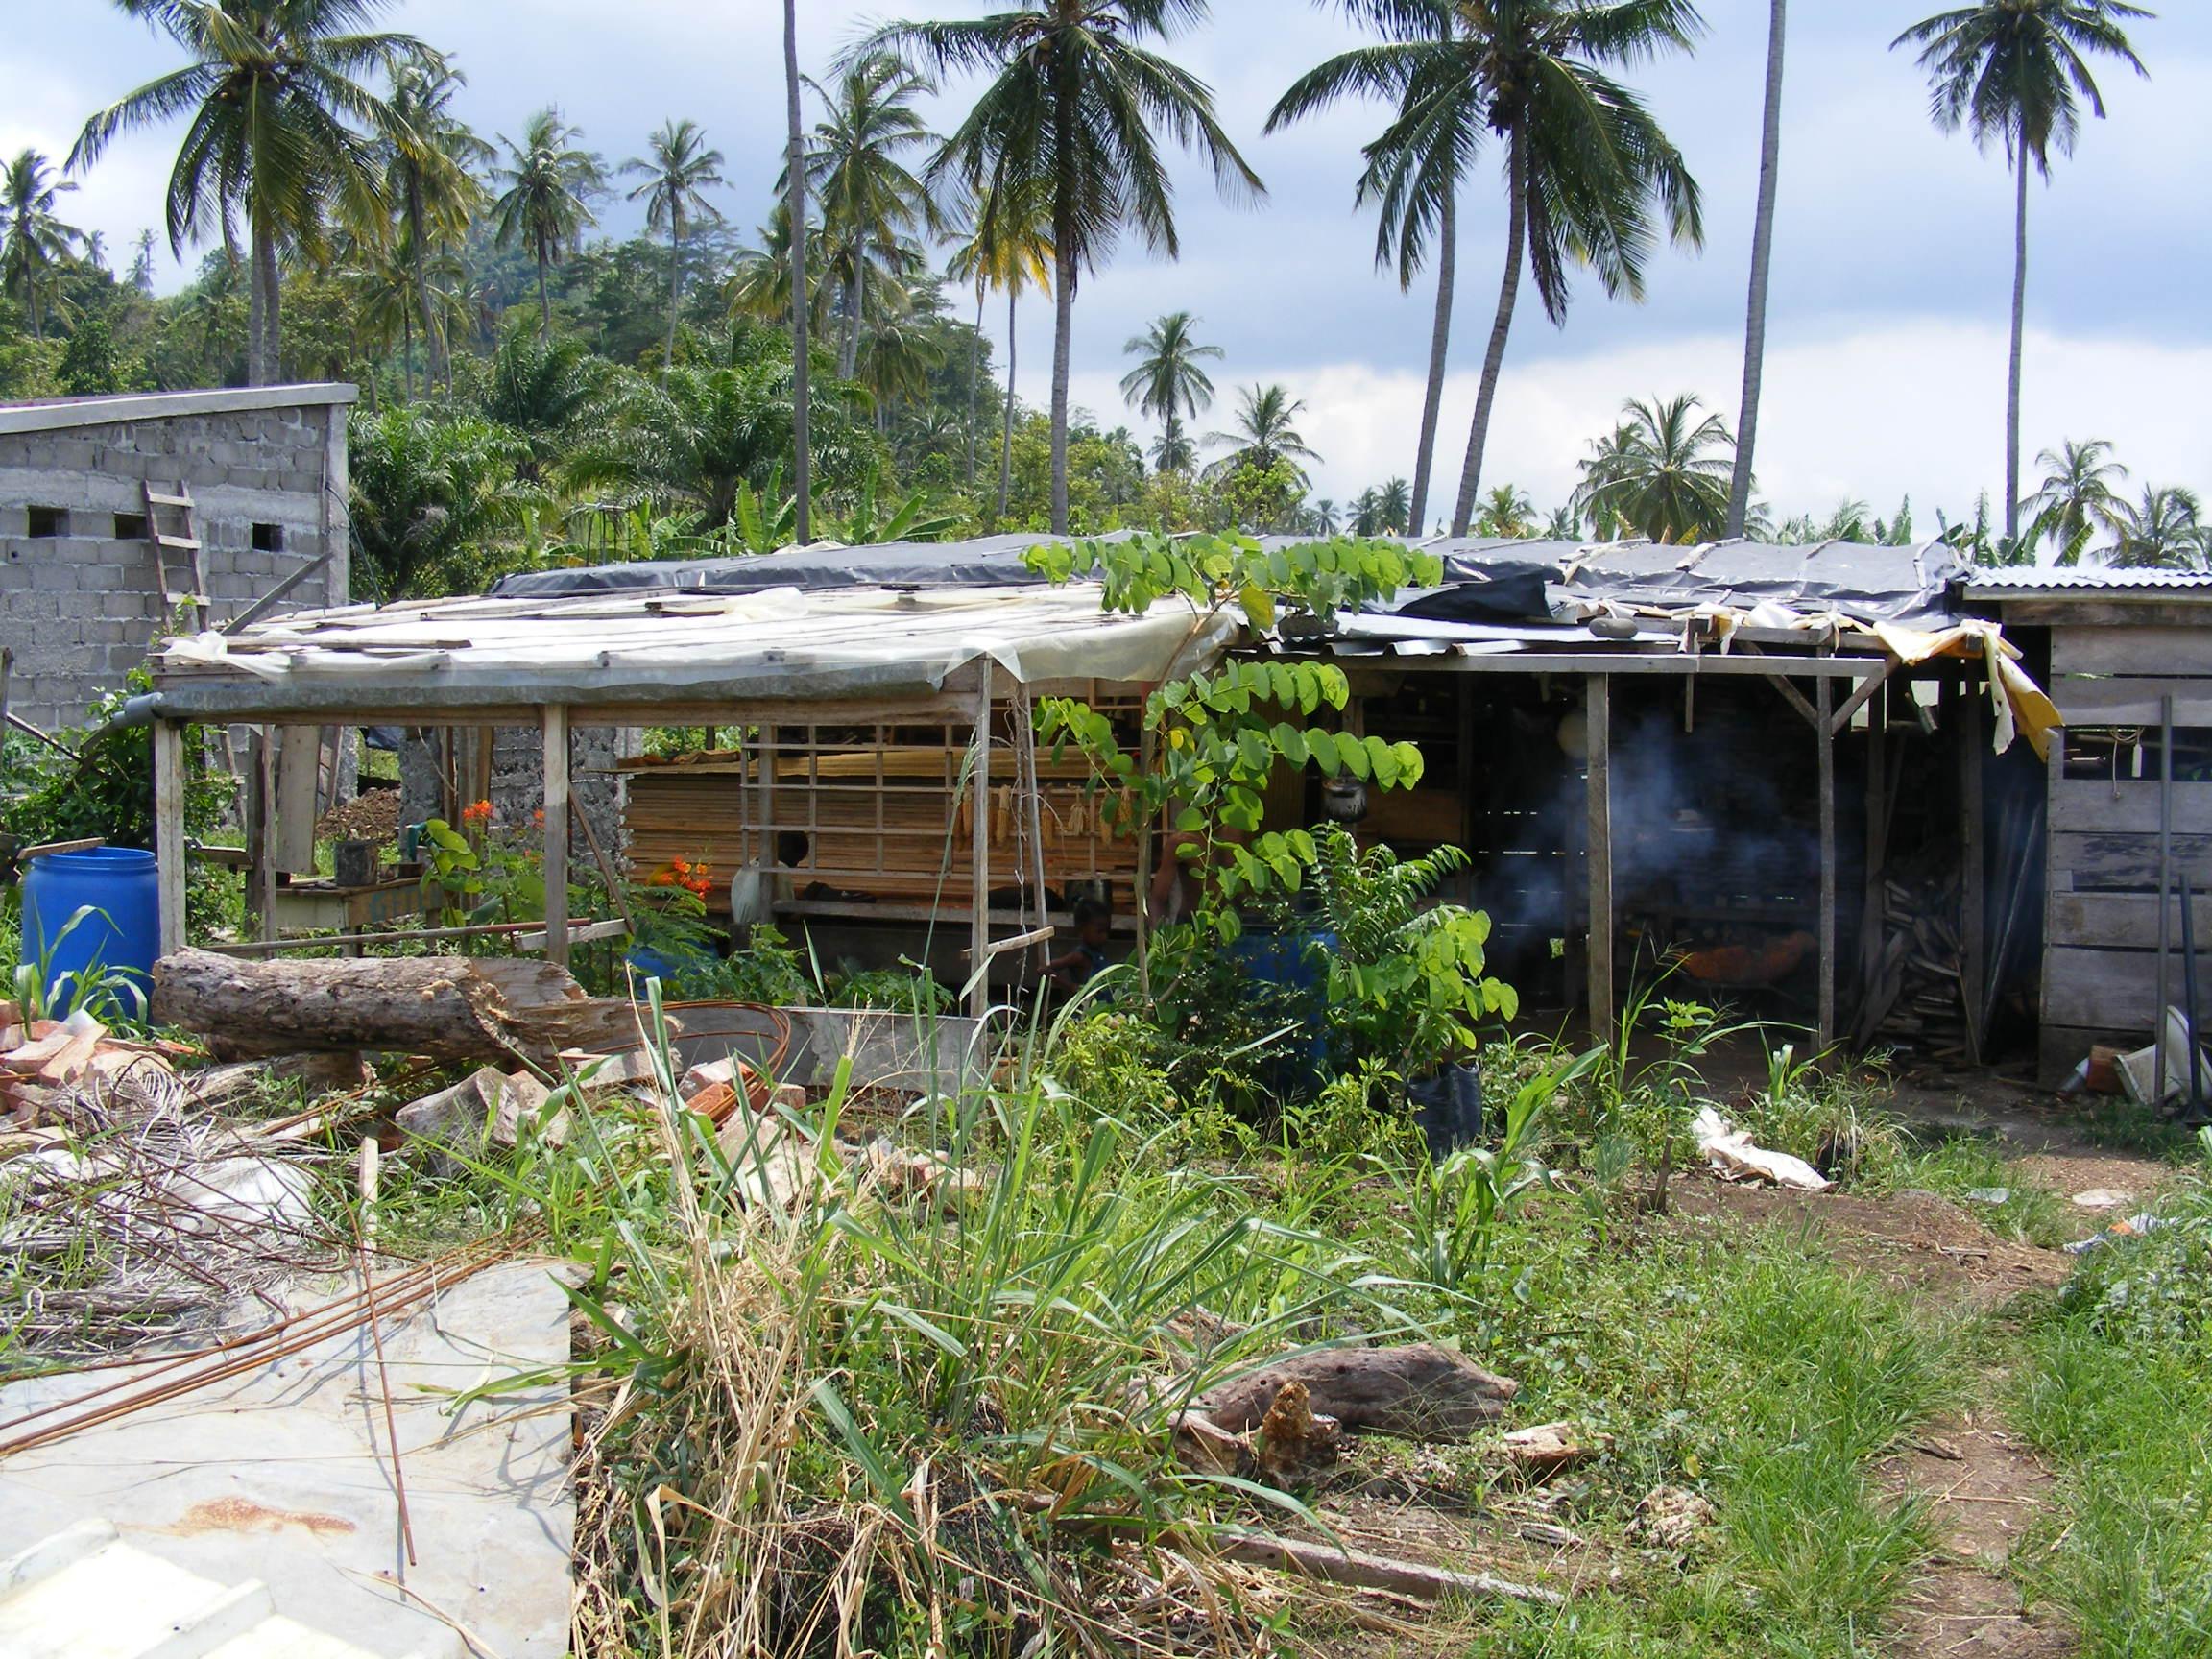 dscf0259 dans La vie à Sao Tomé!